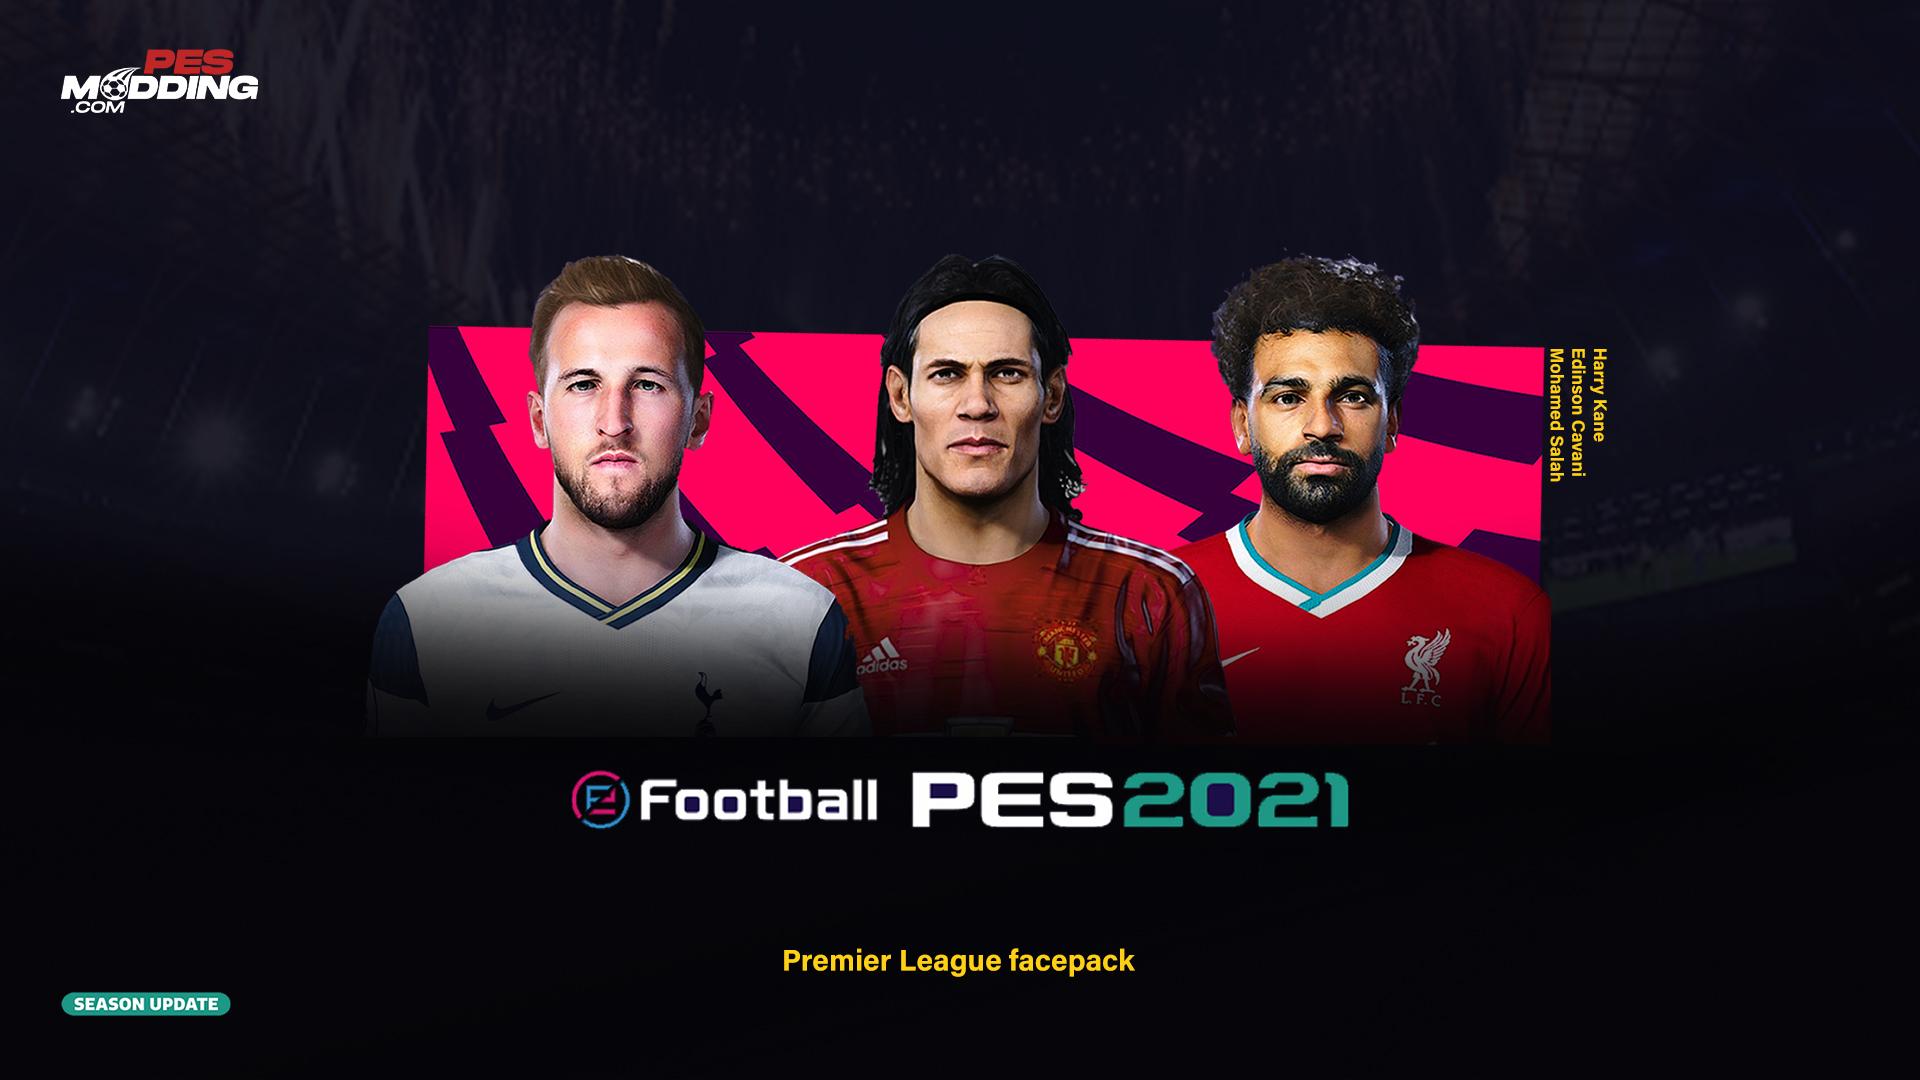 PES 2021 Mini Premier League Facepack